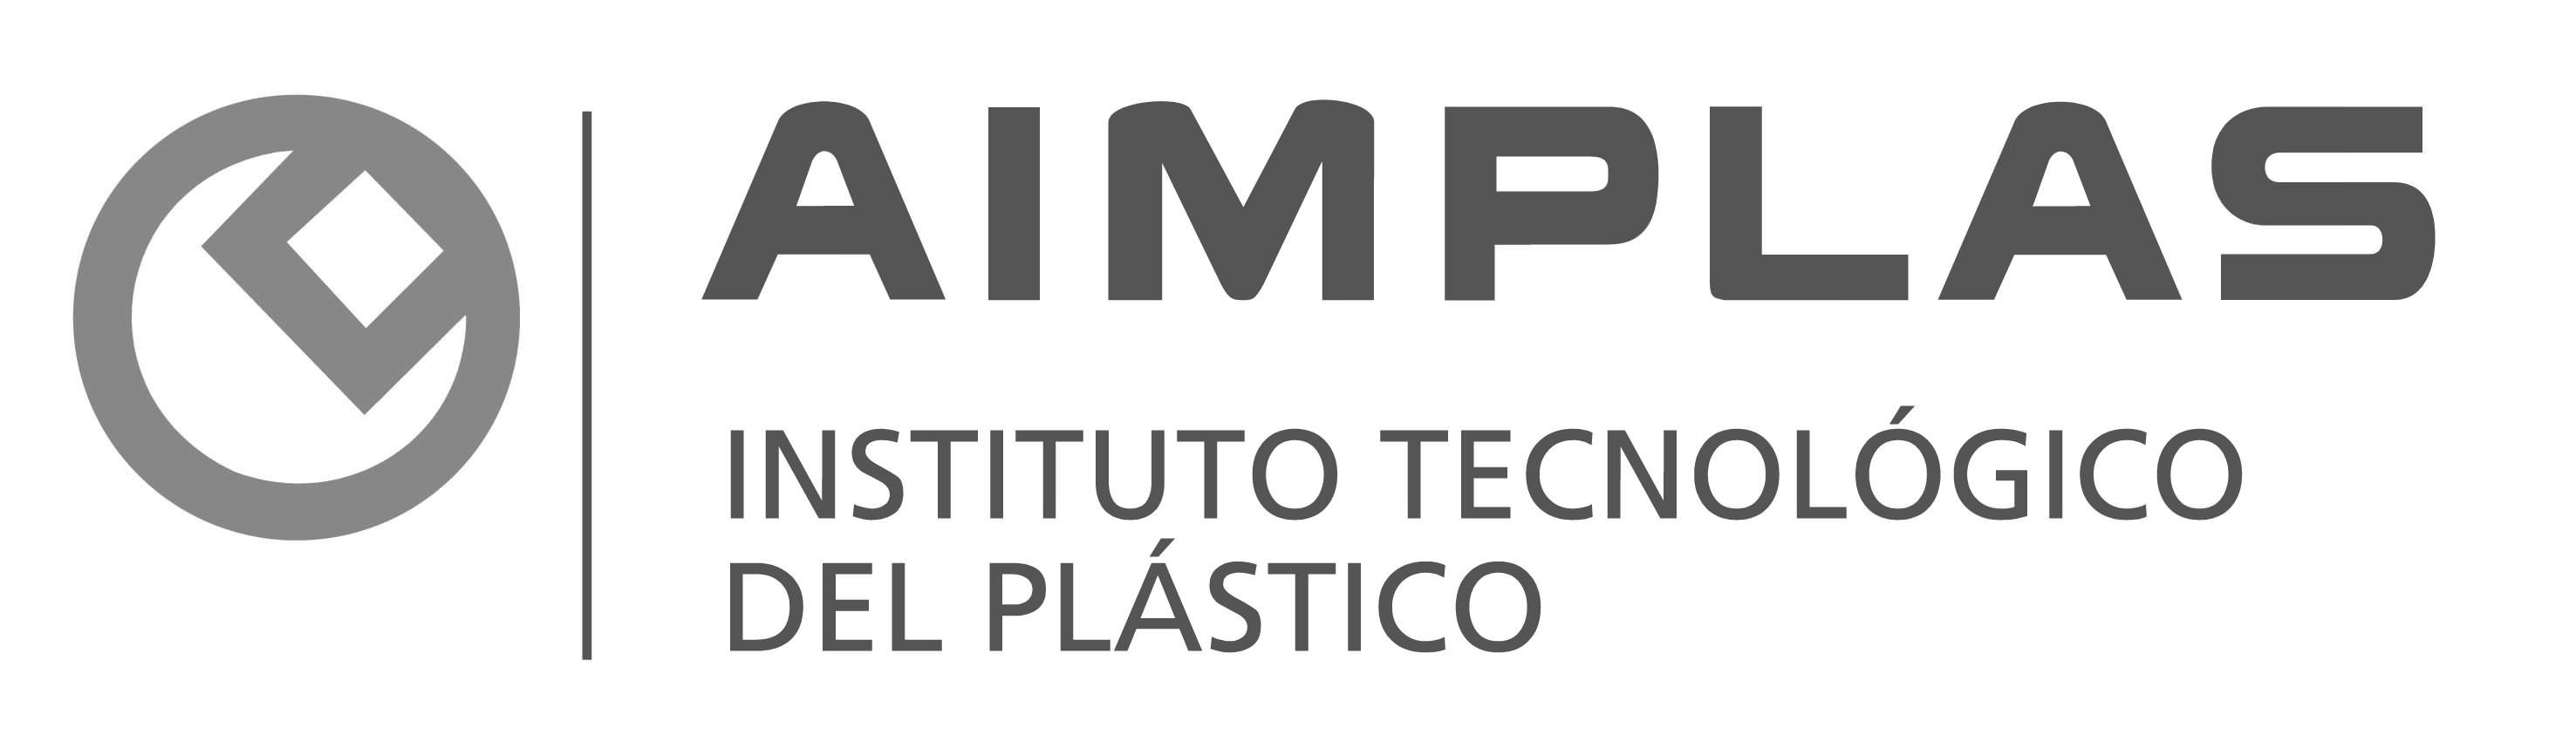 logo AIMPLAS